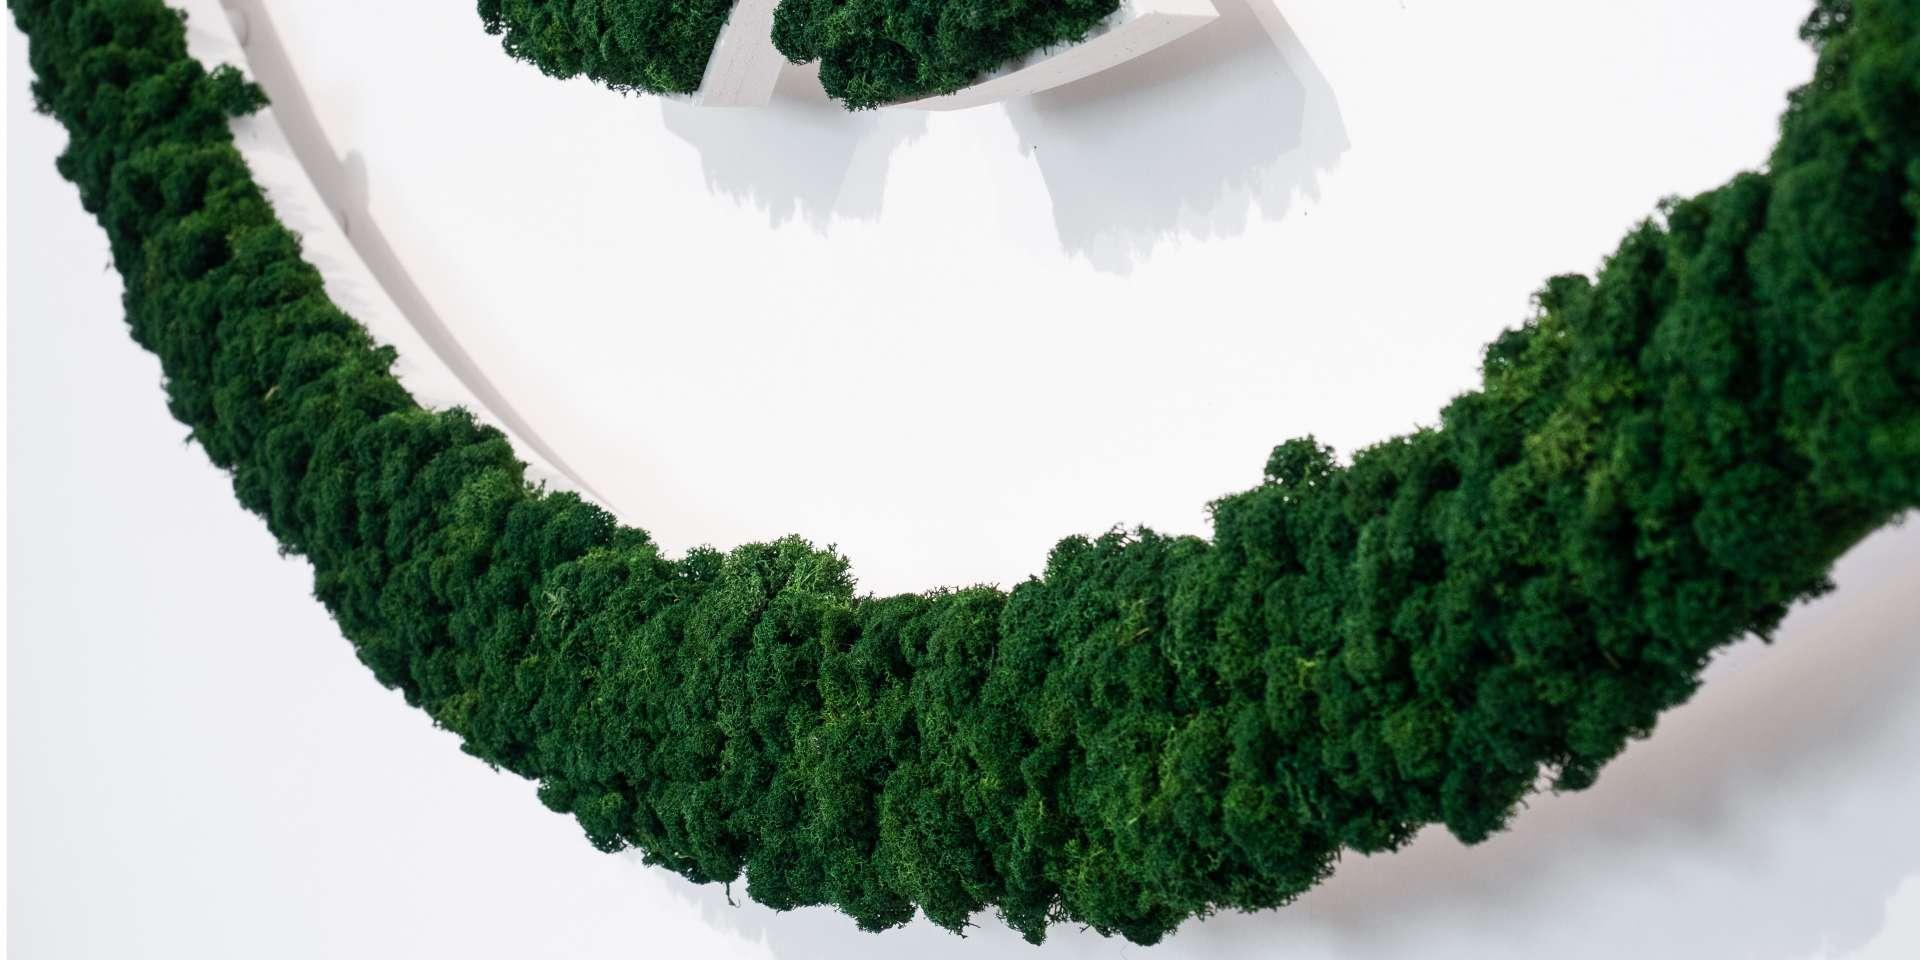 Logo aus Moos - NATURADOR® konturgefrästes Logo weiß mit blattgrünem Islandmoos